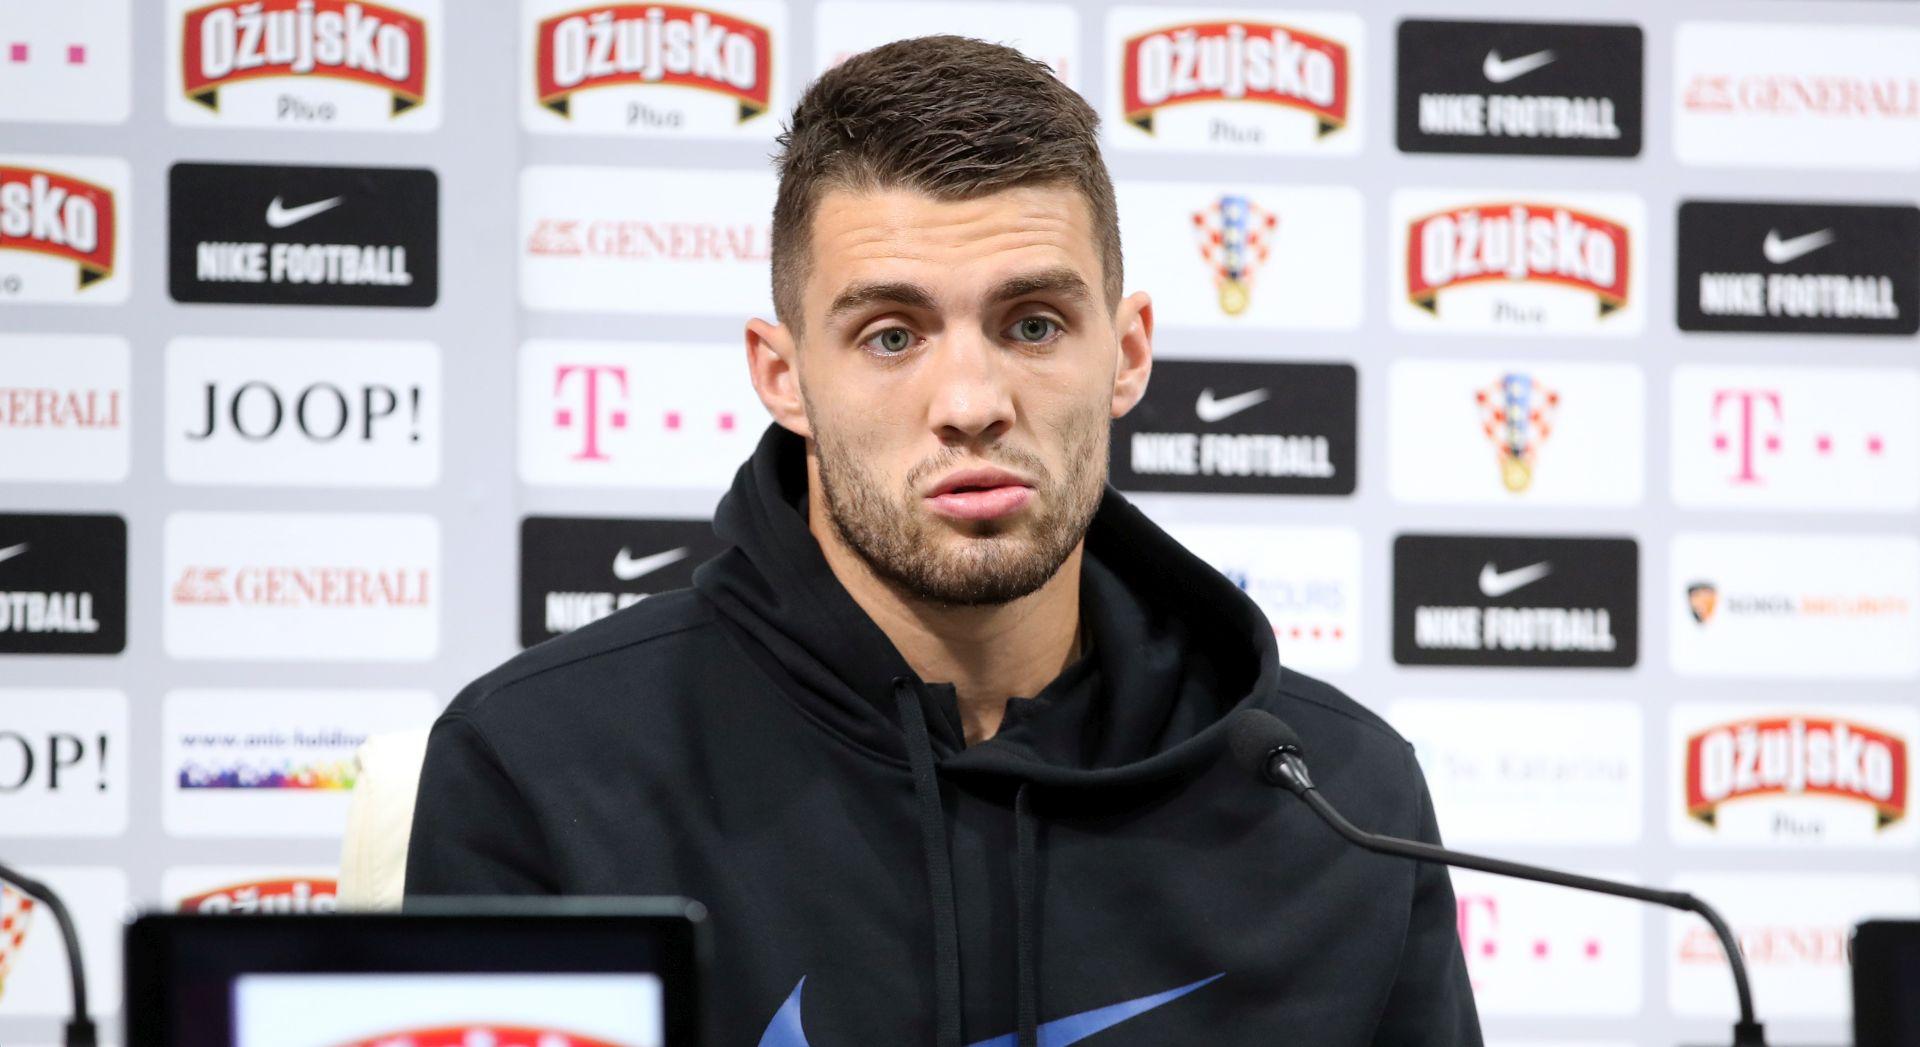 Mateo Kovačić odbio trenirati, dok se ne razriješi njegov status